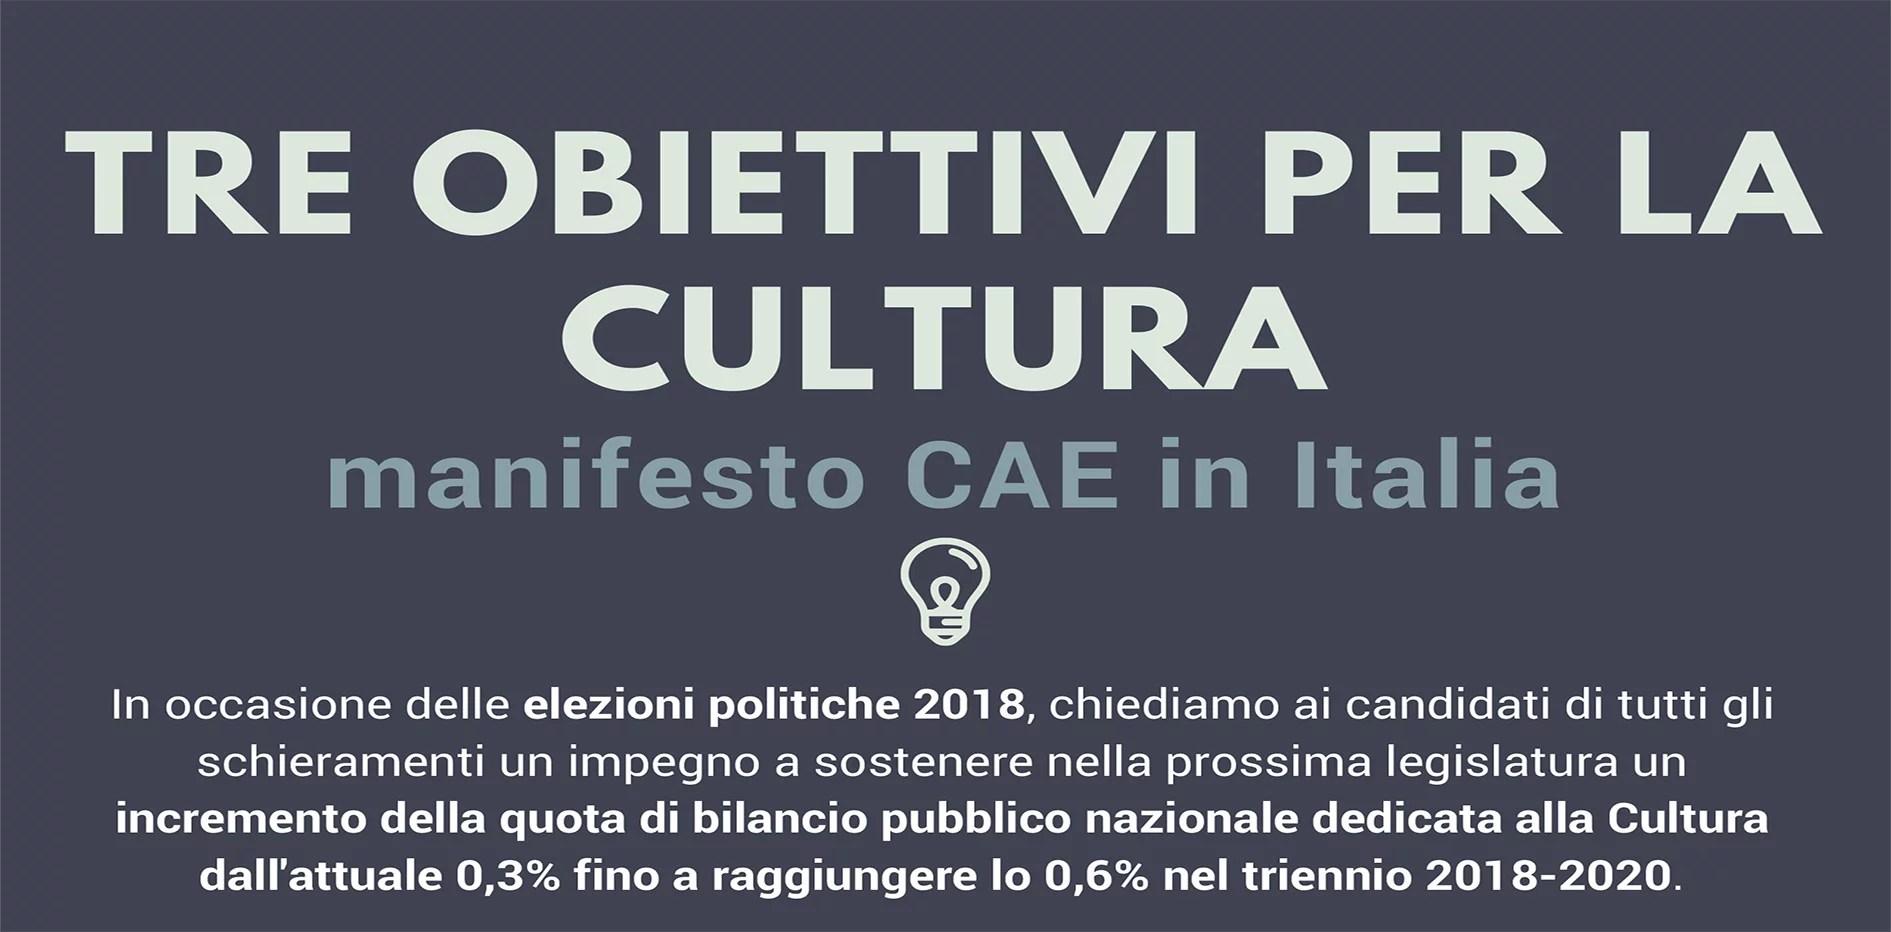 Tre obiettivi per la cultura